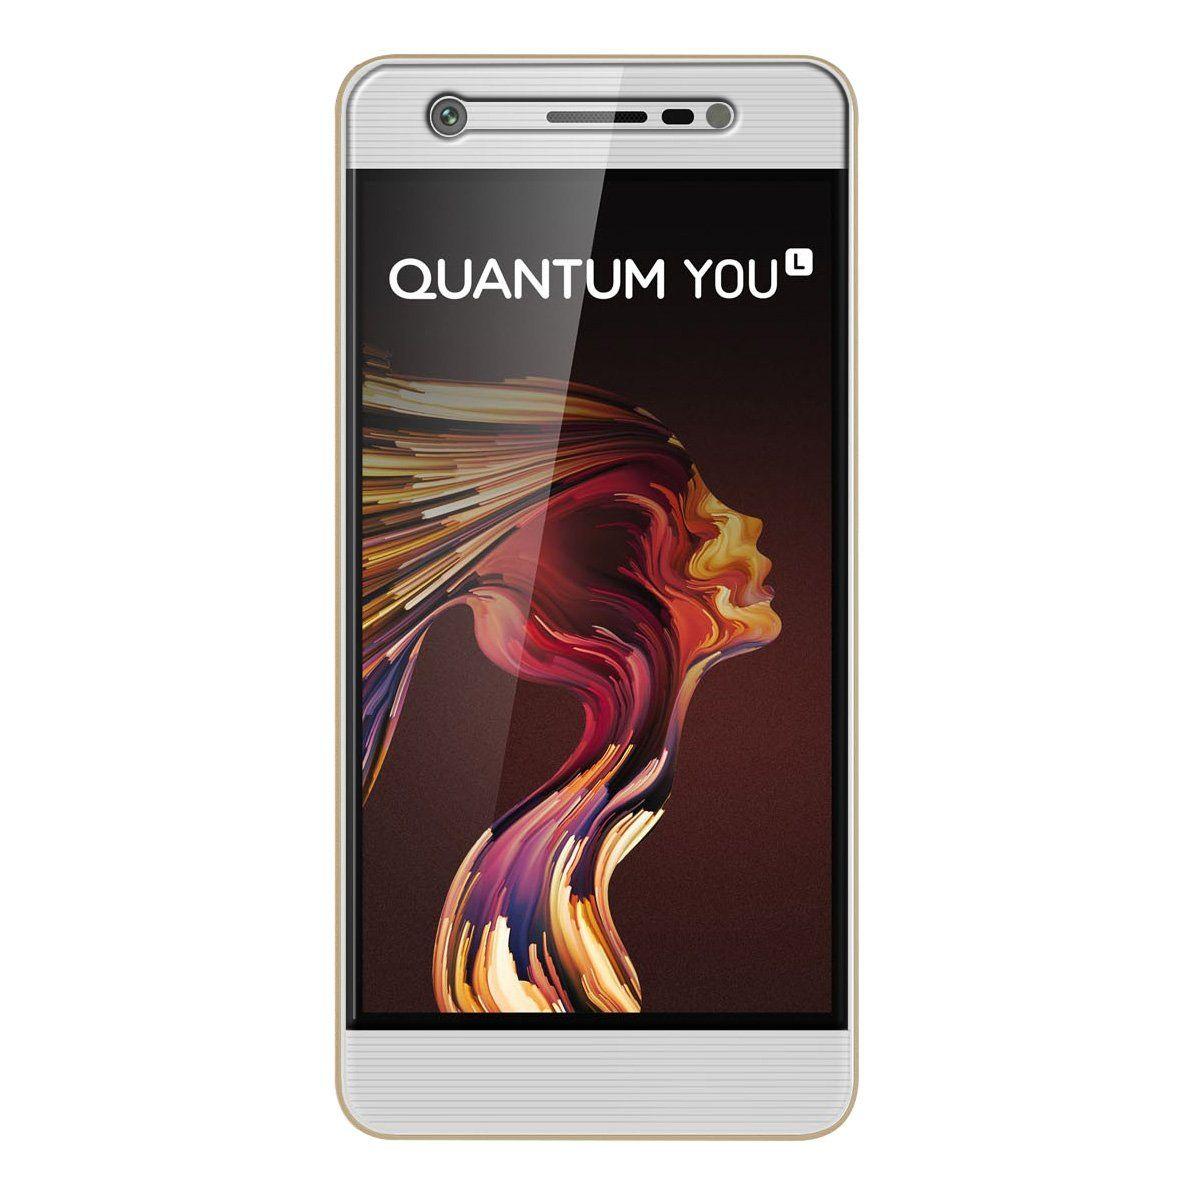 Película Protetora para Quantum You L - Transparente